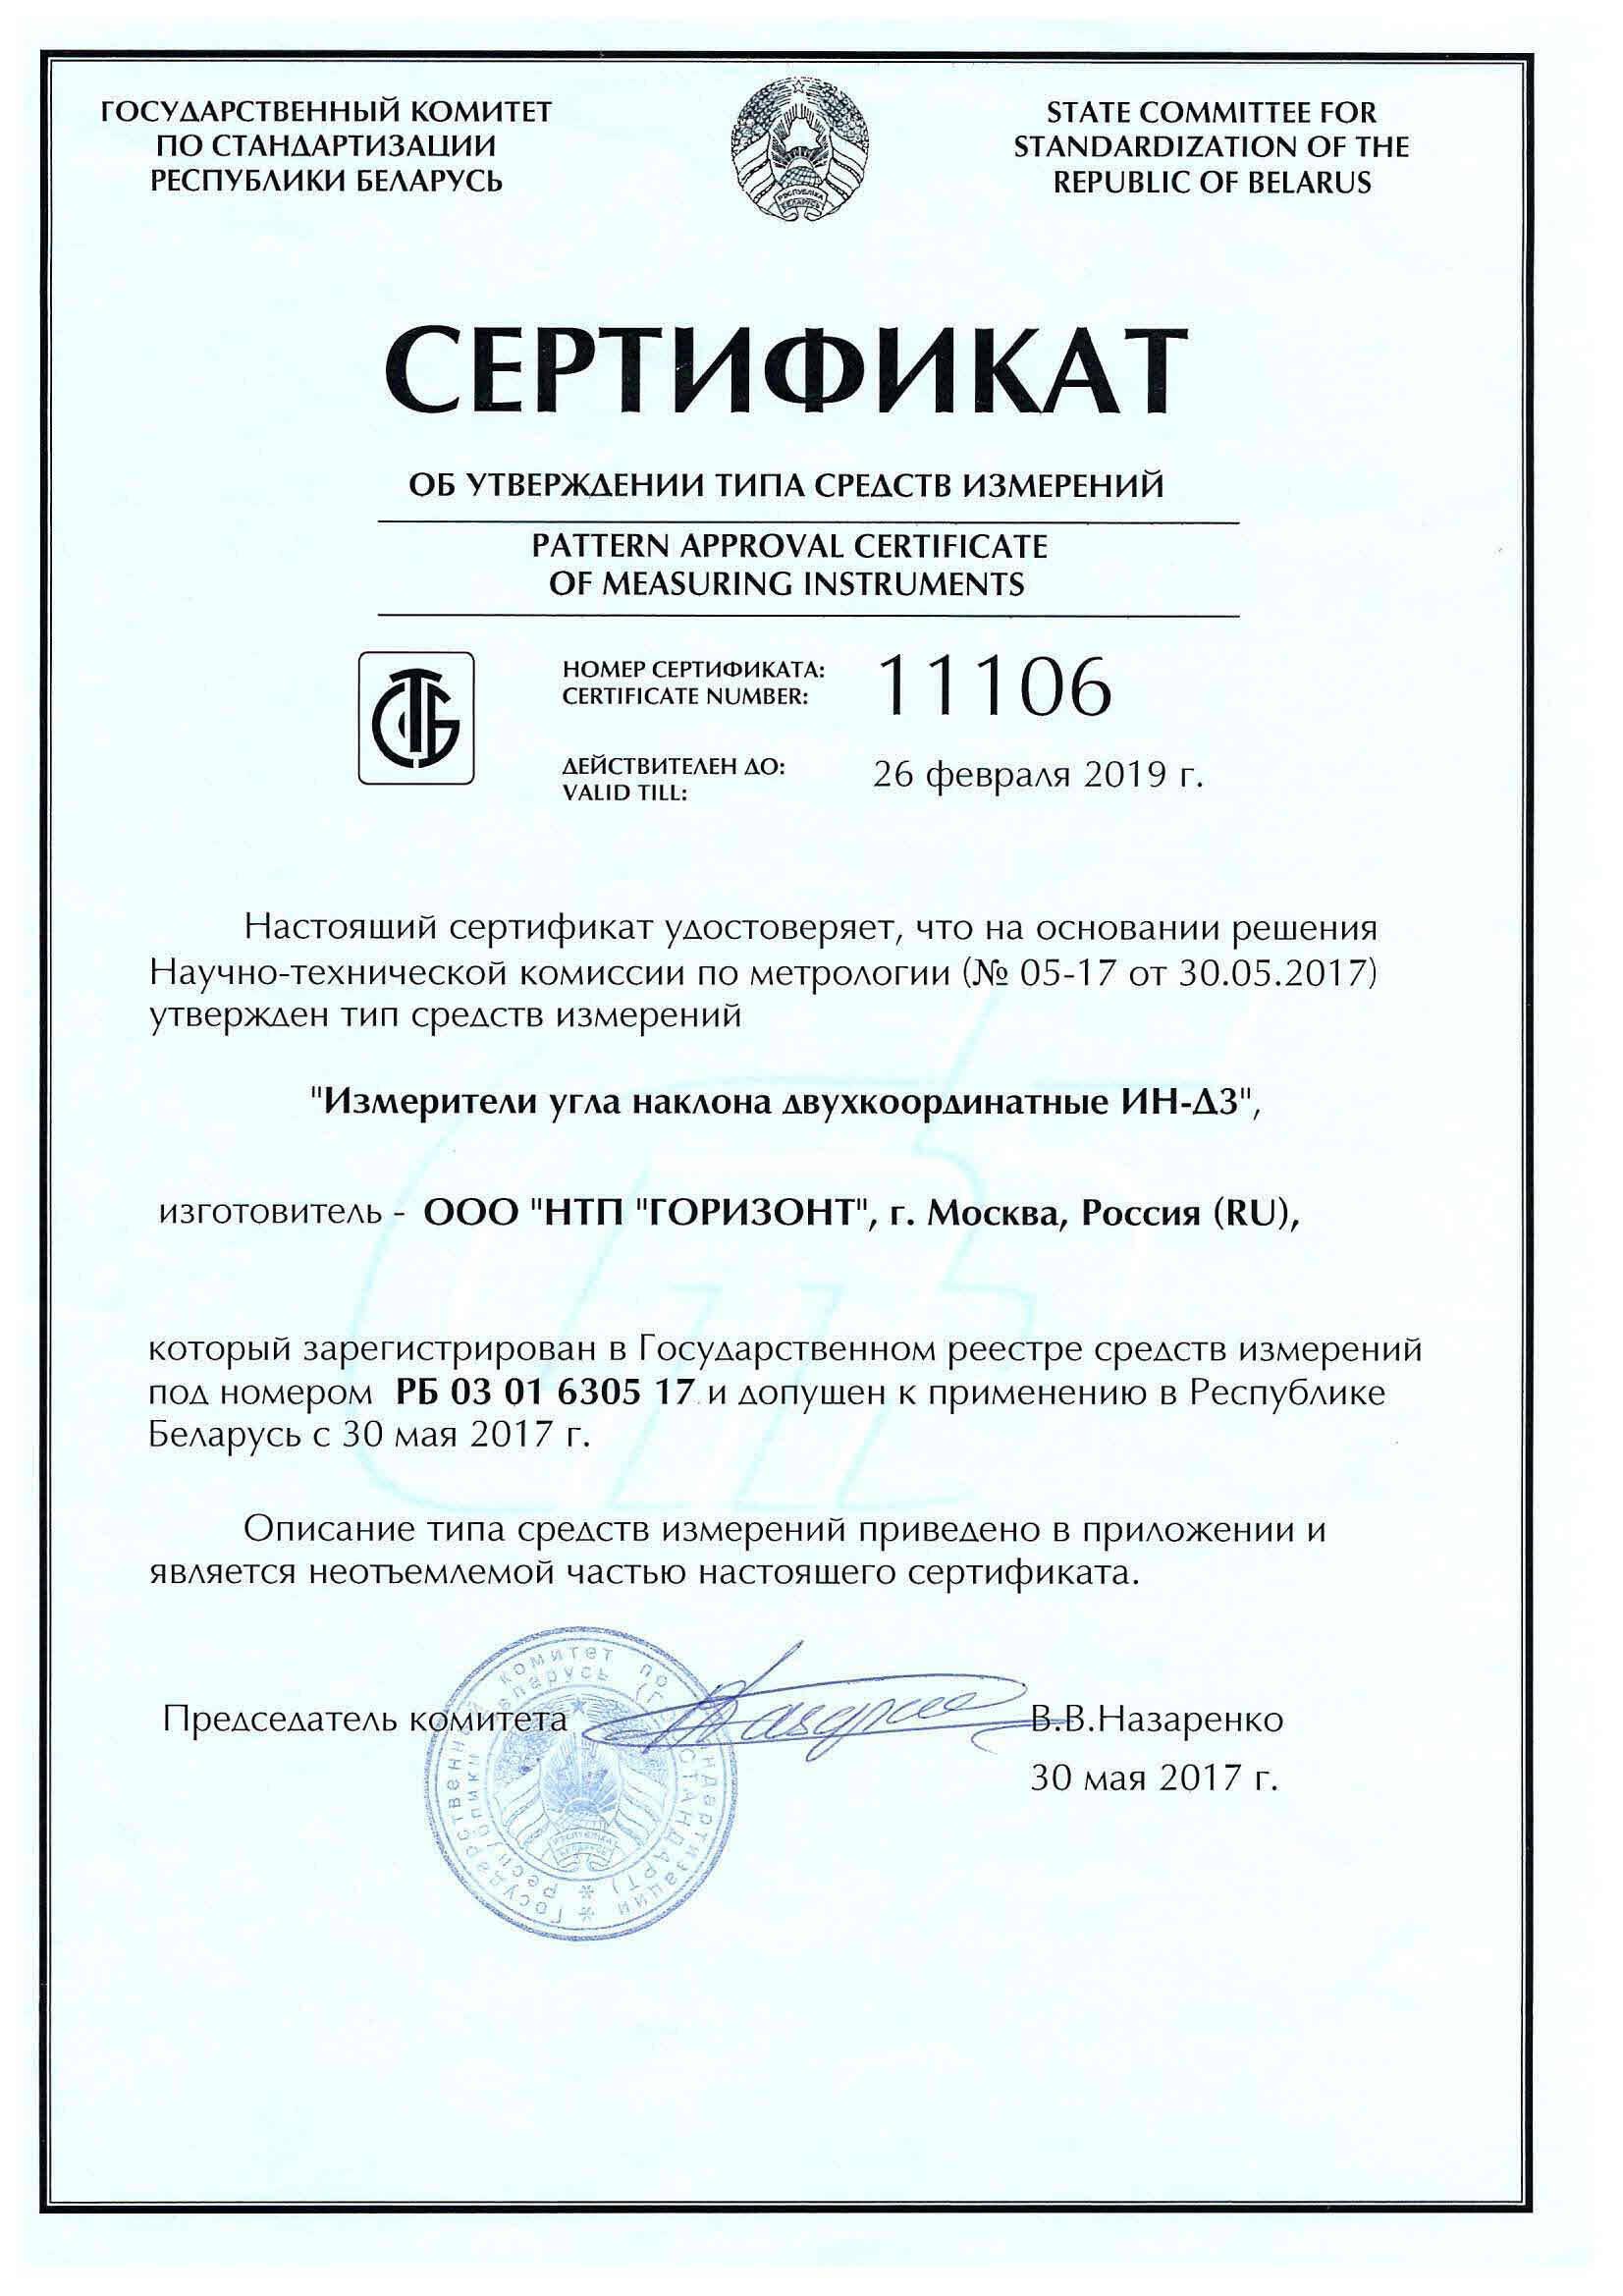 Сертификат признания утверждения типа средства измерения ИН-Д3